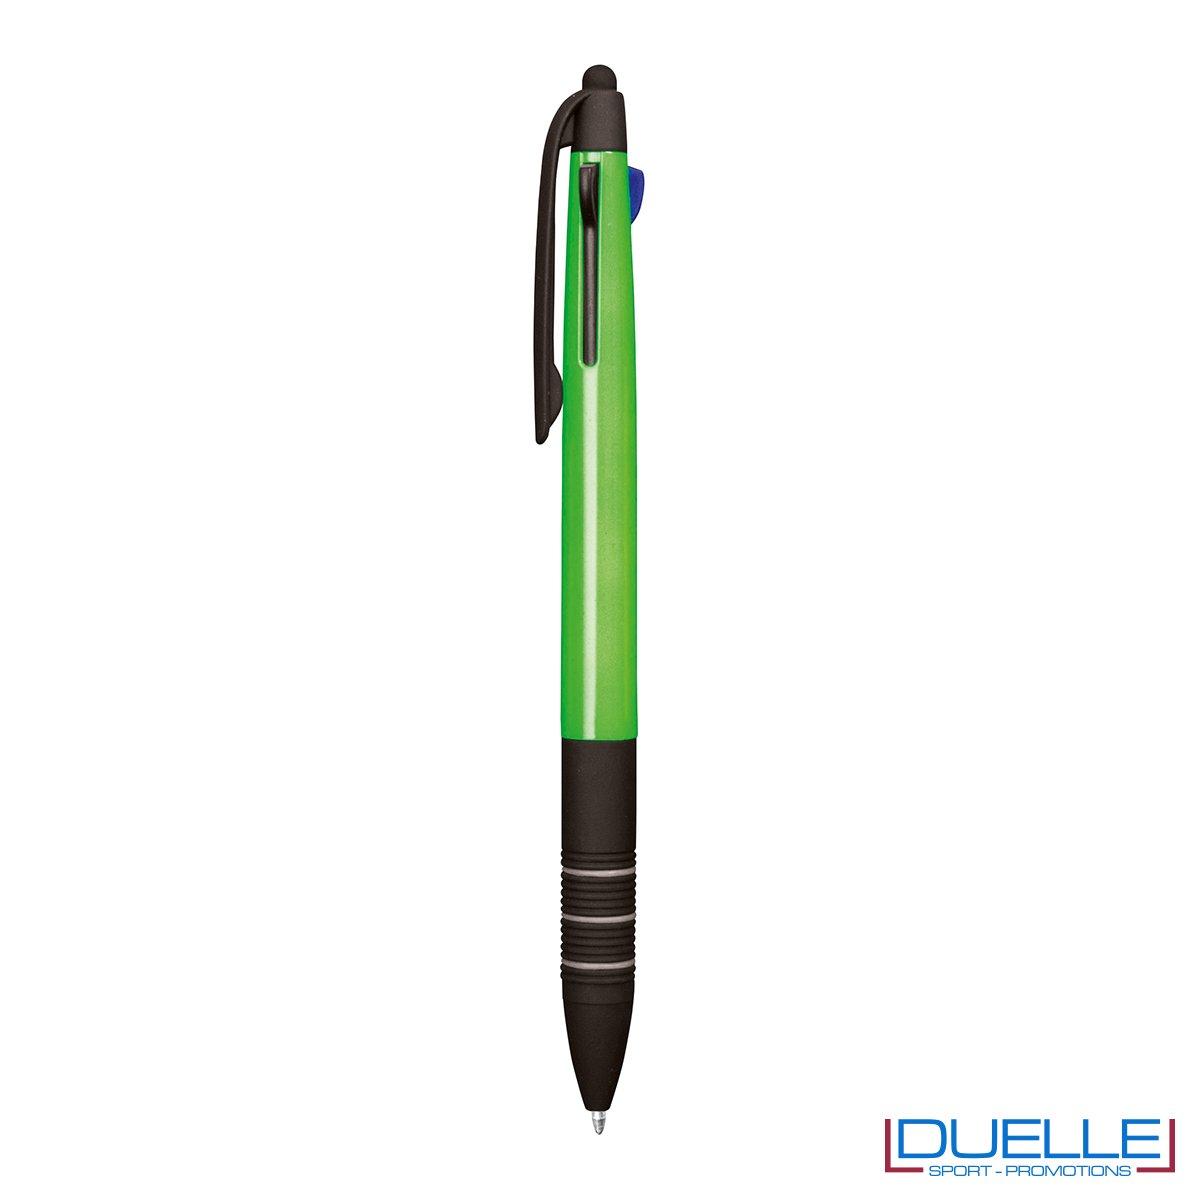 Penna personalizzata fluo touch screen colore verde